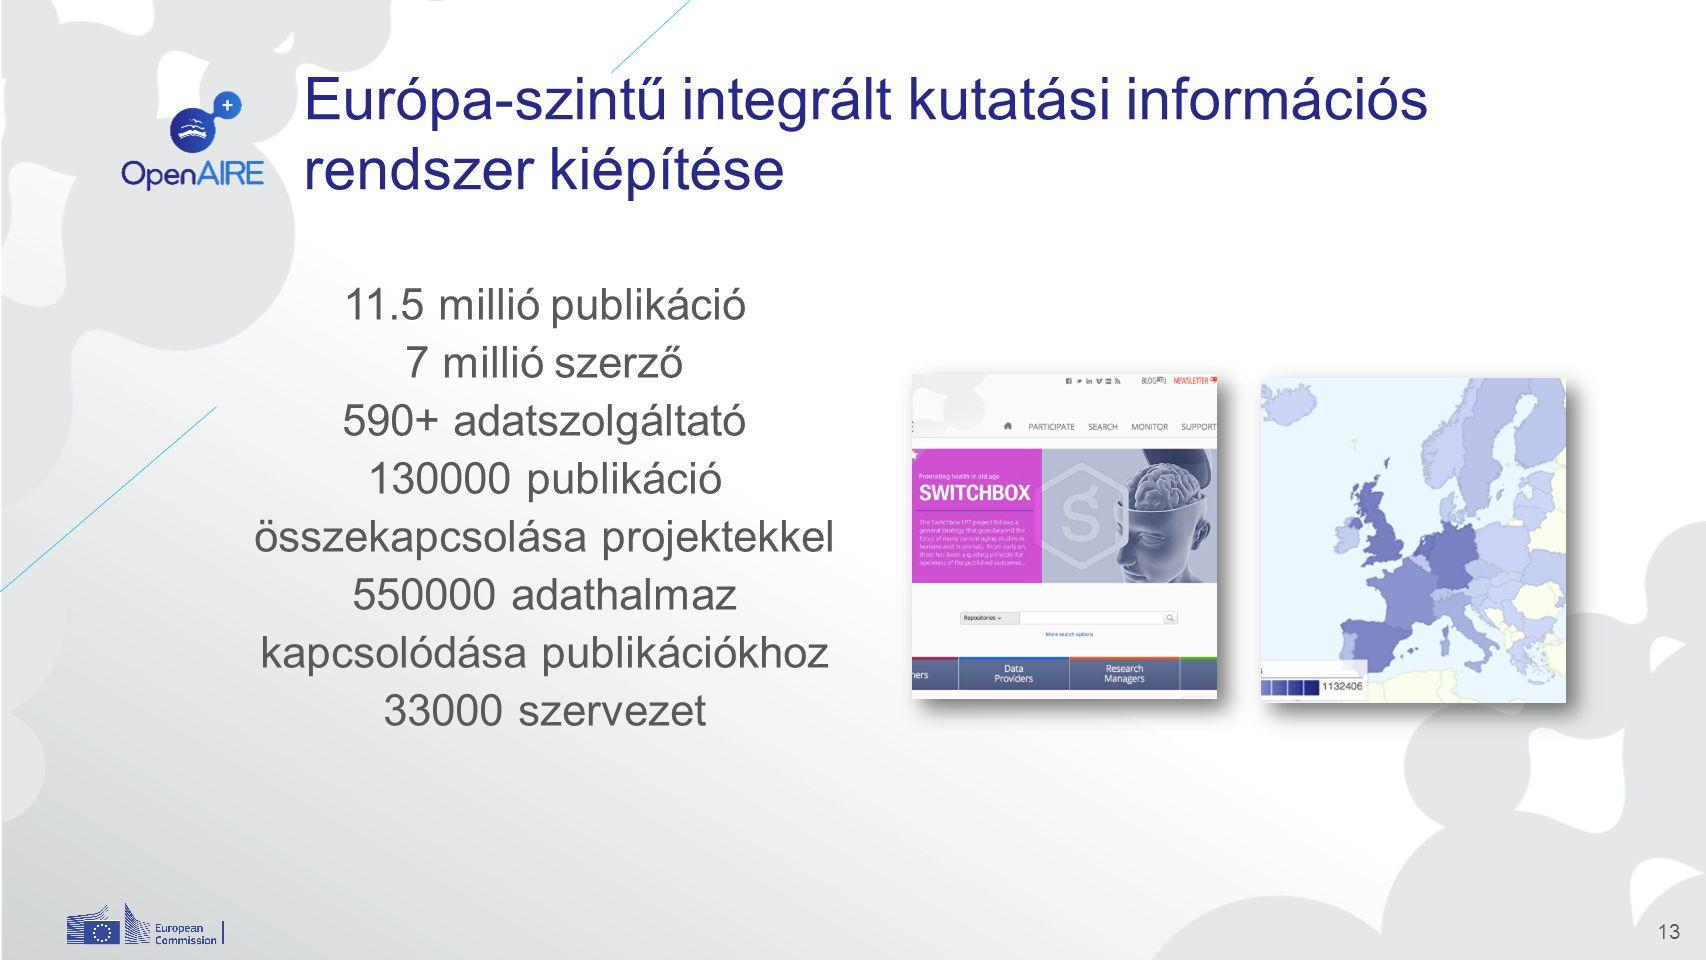 Európa-szintű integrált kutatási információs rendszer kiépítése 11.5 millió publikáció 7 millió szerző 590+ adatszolgáltató 130000 publikáció összekapcsolása projektekkel 550000 adathalmaz kapcsolódása publikációkhoz 33000 szervezet 13